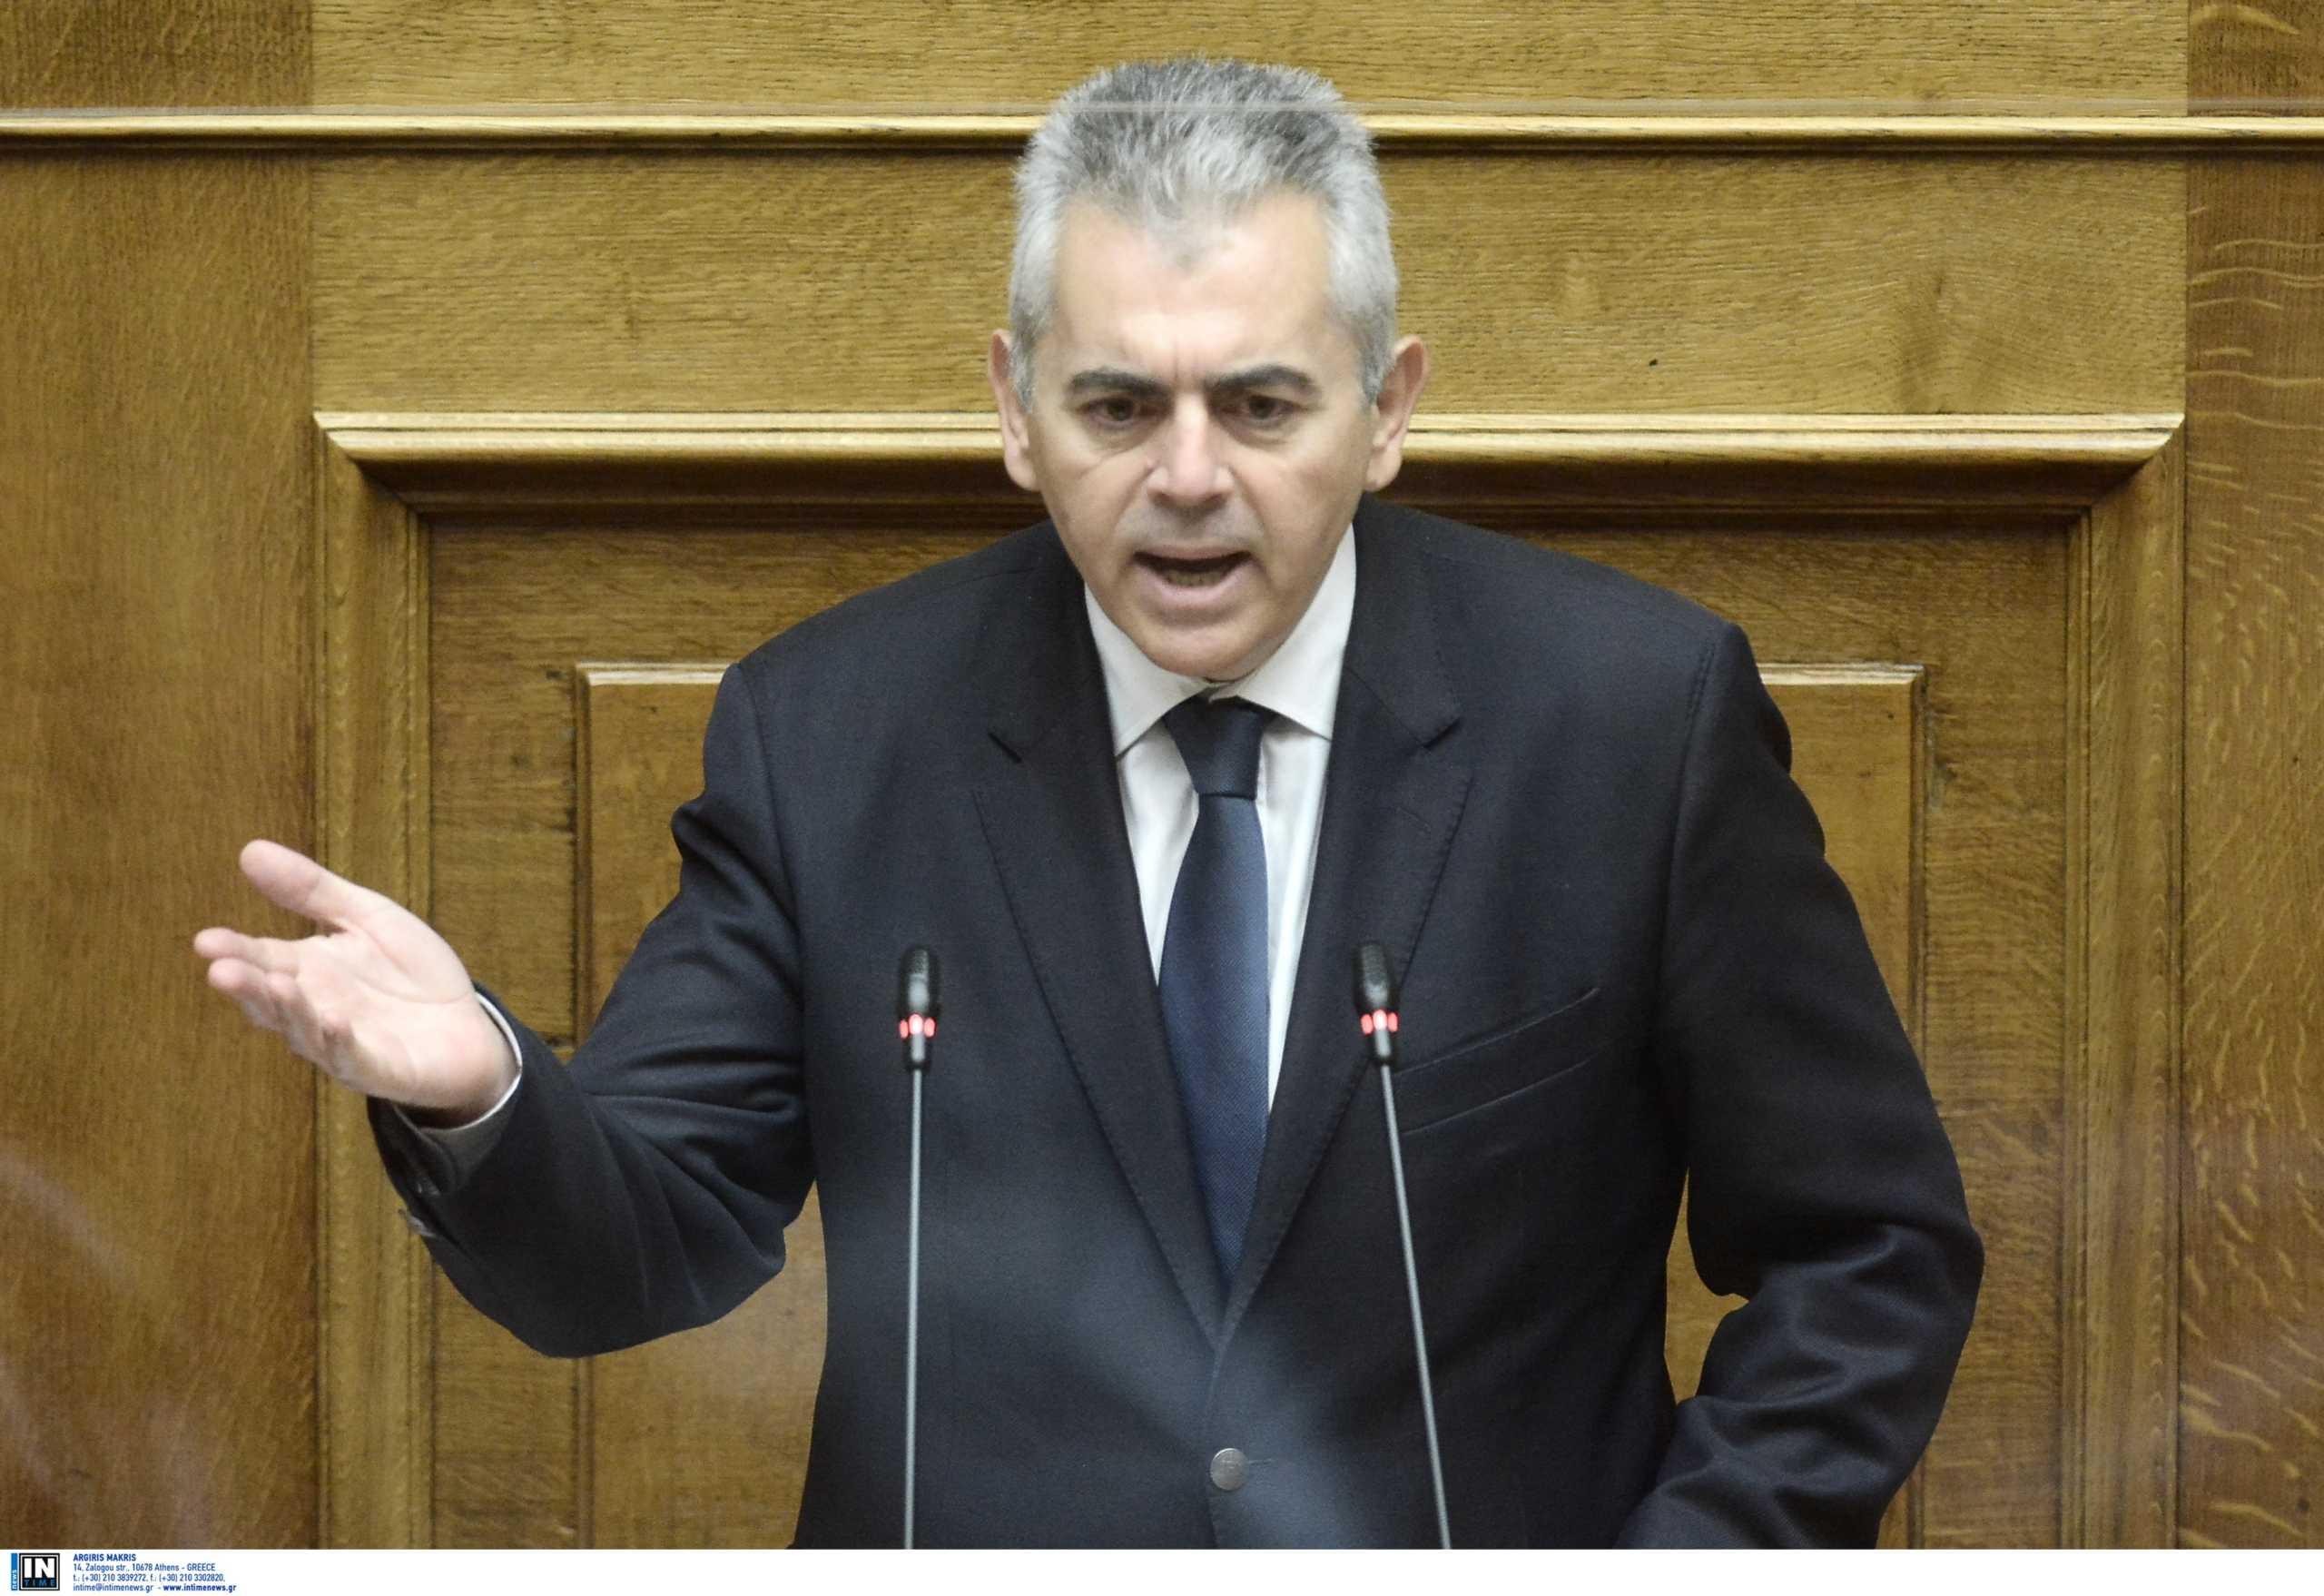 Αποχώρηση διαμαρτυρίας Μάξιμου Χαρακόπουλου από την Ομάδα φιλίας Ελλάδας – Αζερμπαϊτζάν